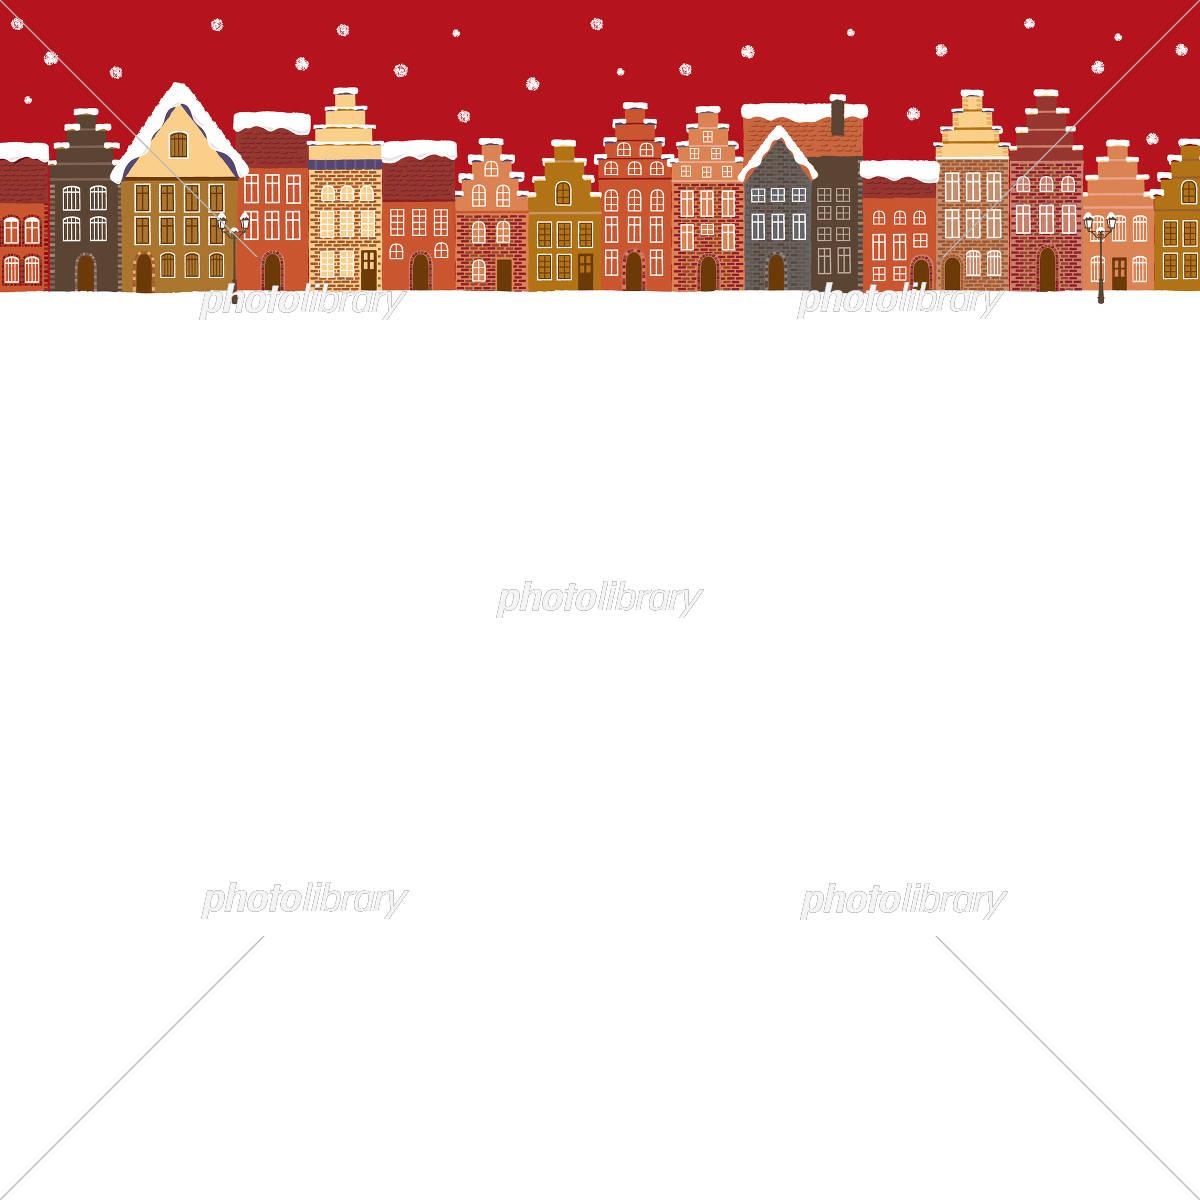 クリスマス ドイツの街並み イラスト素材 5241458 フォトライブ